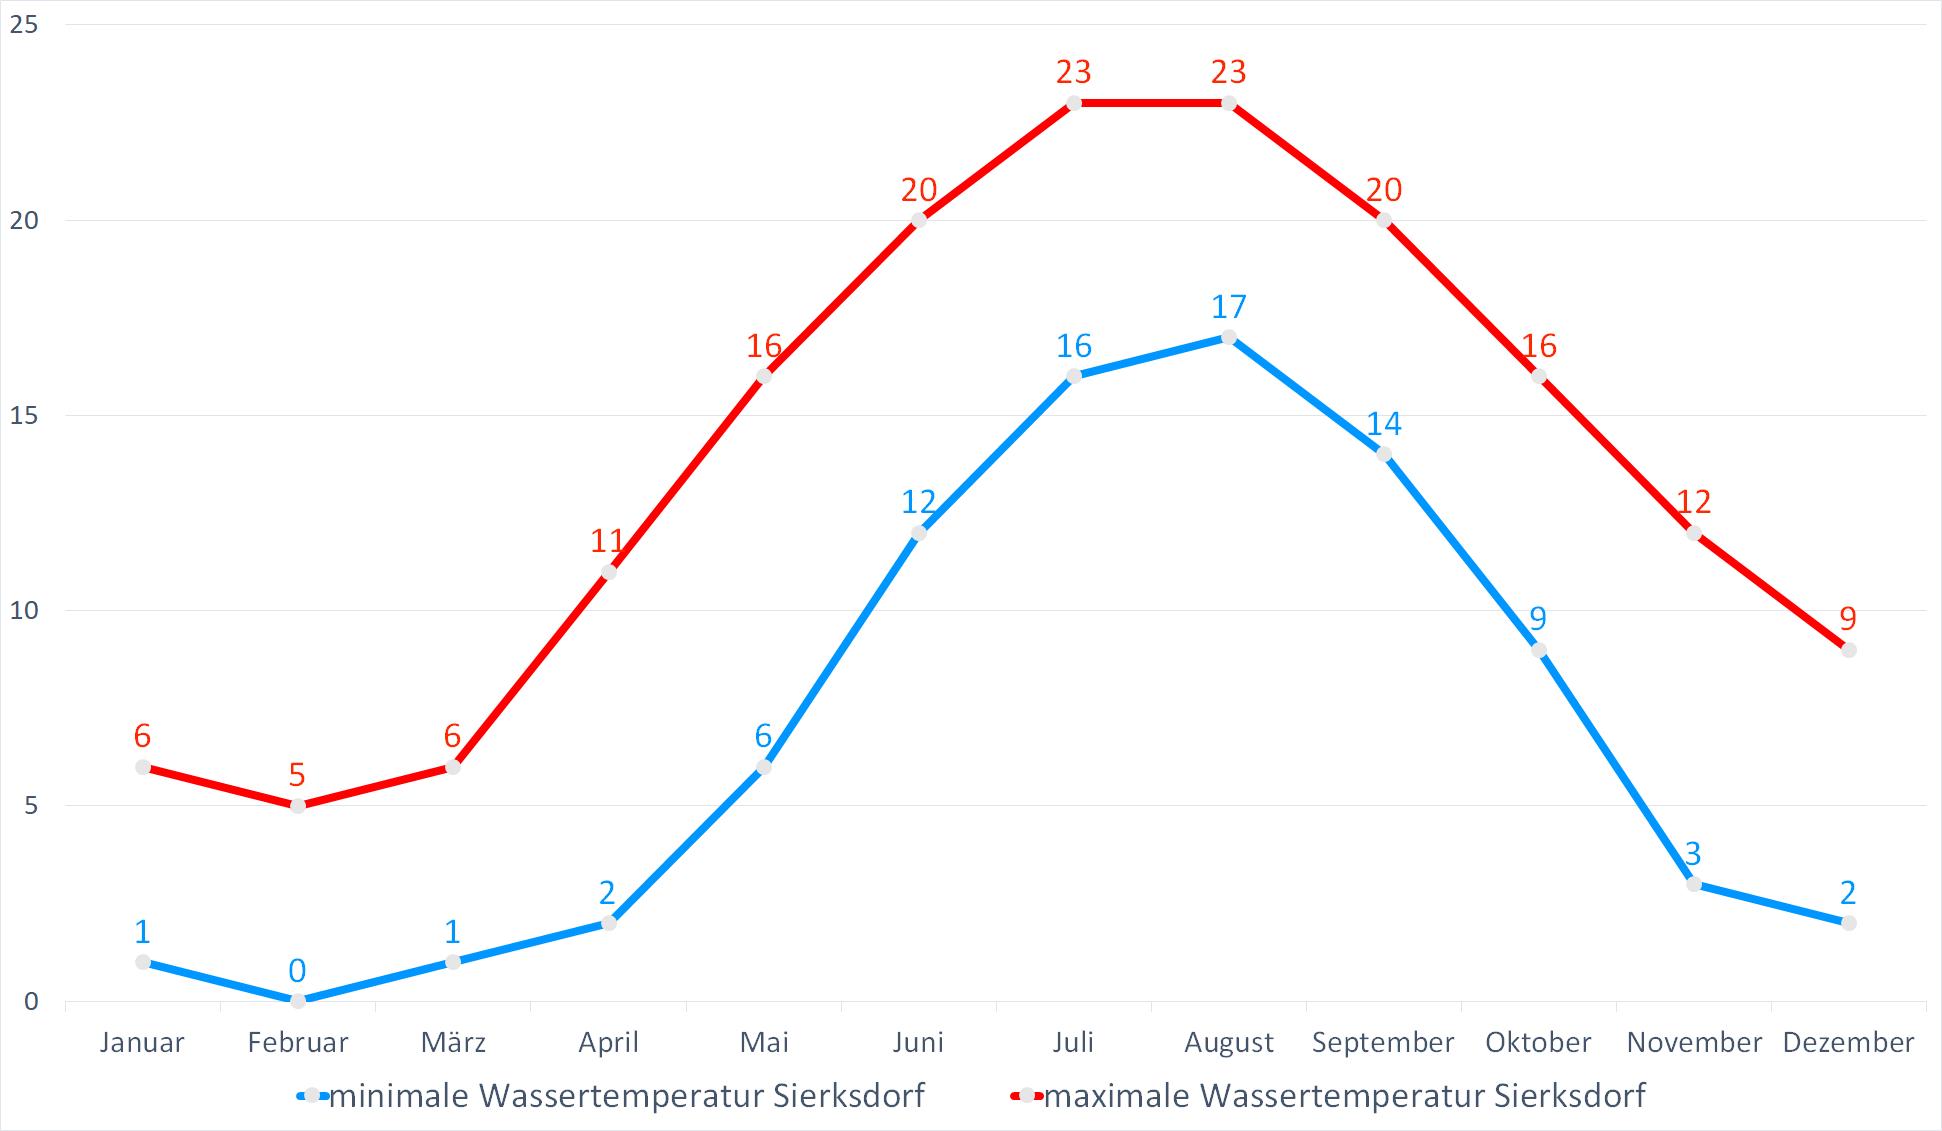 Minimale & Maximale Wassertemperaturen für Sierksdorf im Jahresverlauf